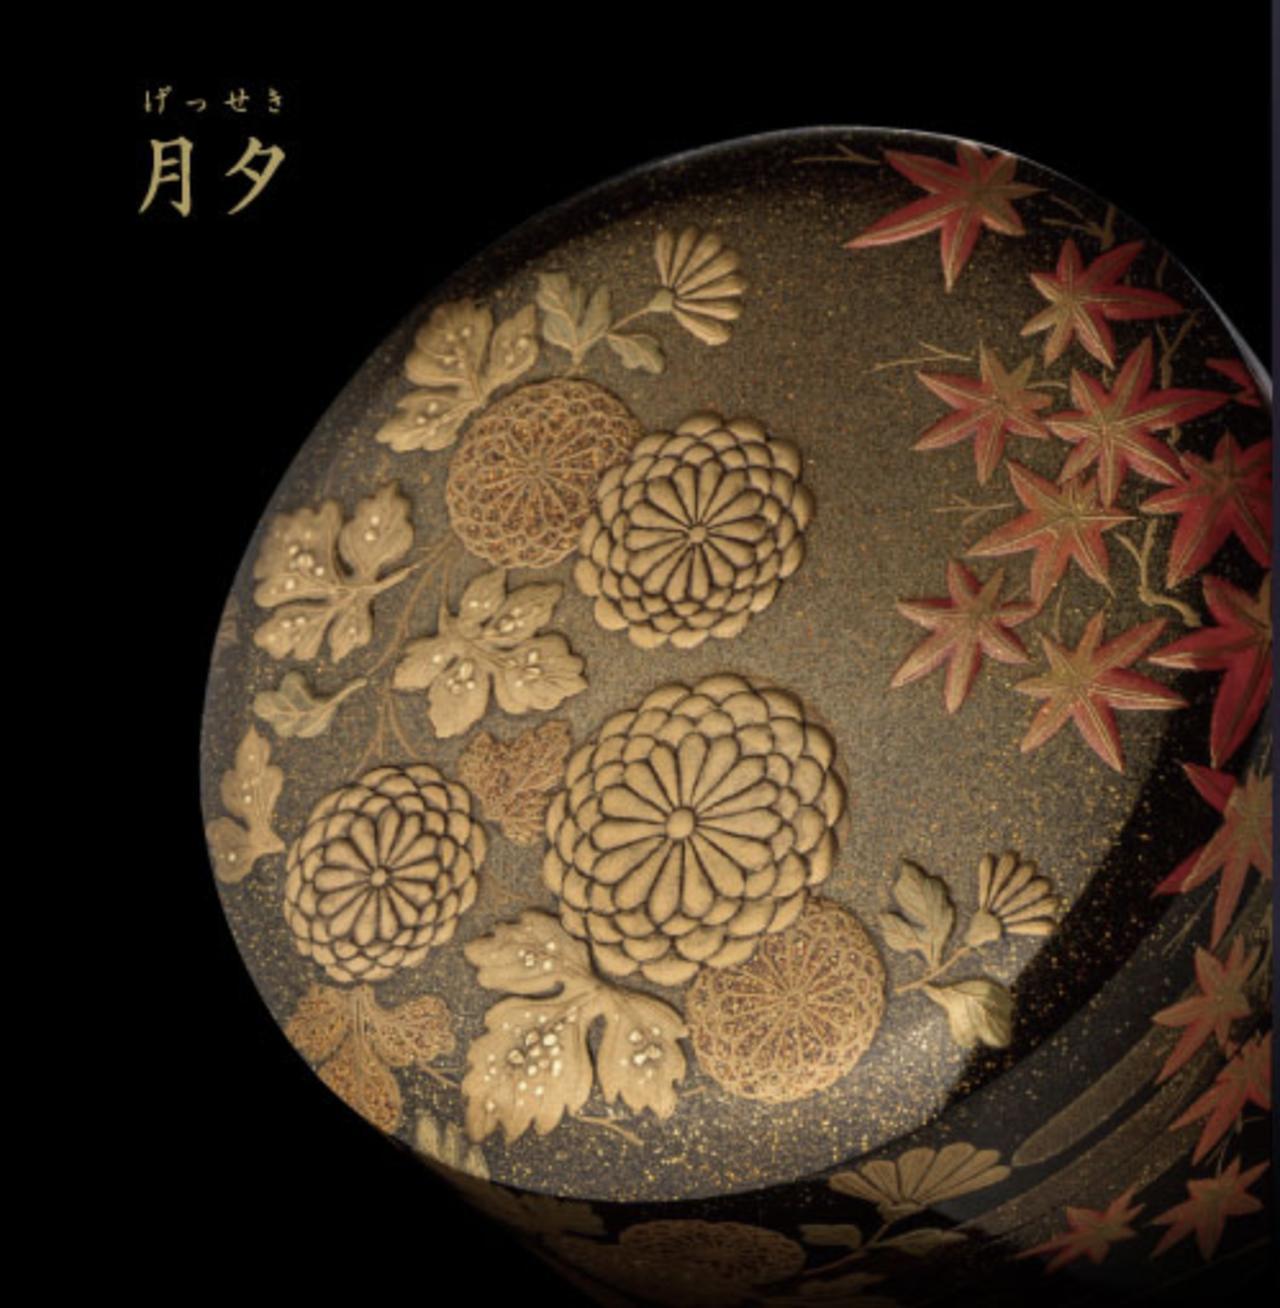 画像2: きわみ絢爛  - 大切な人への想いを、気品ある輝きを放つ山中漆器の骨壷に